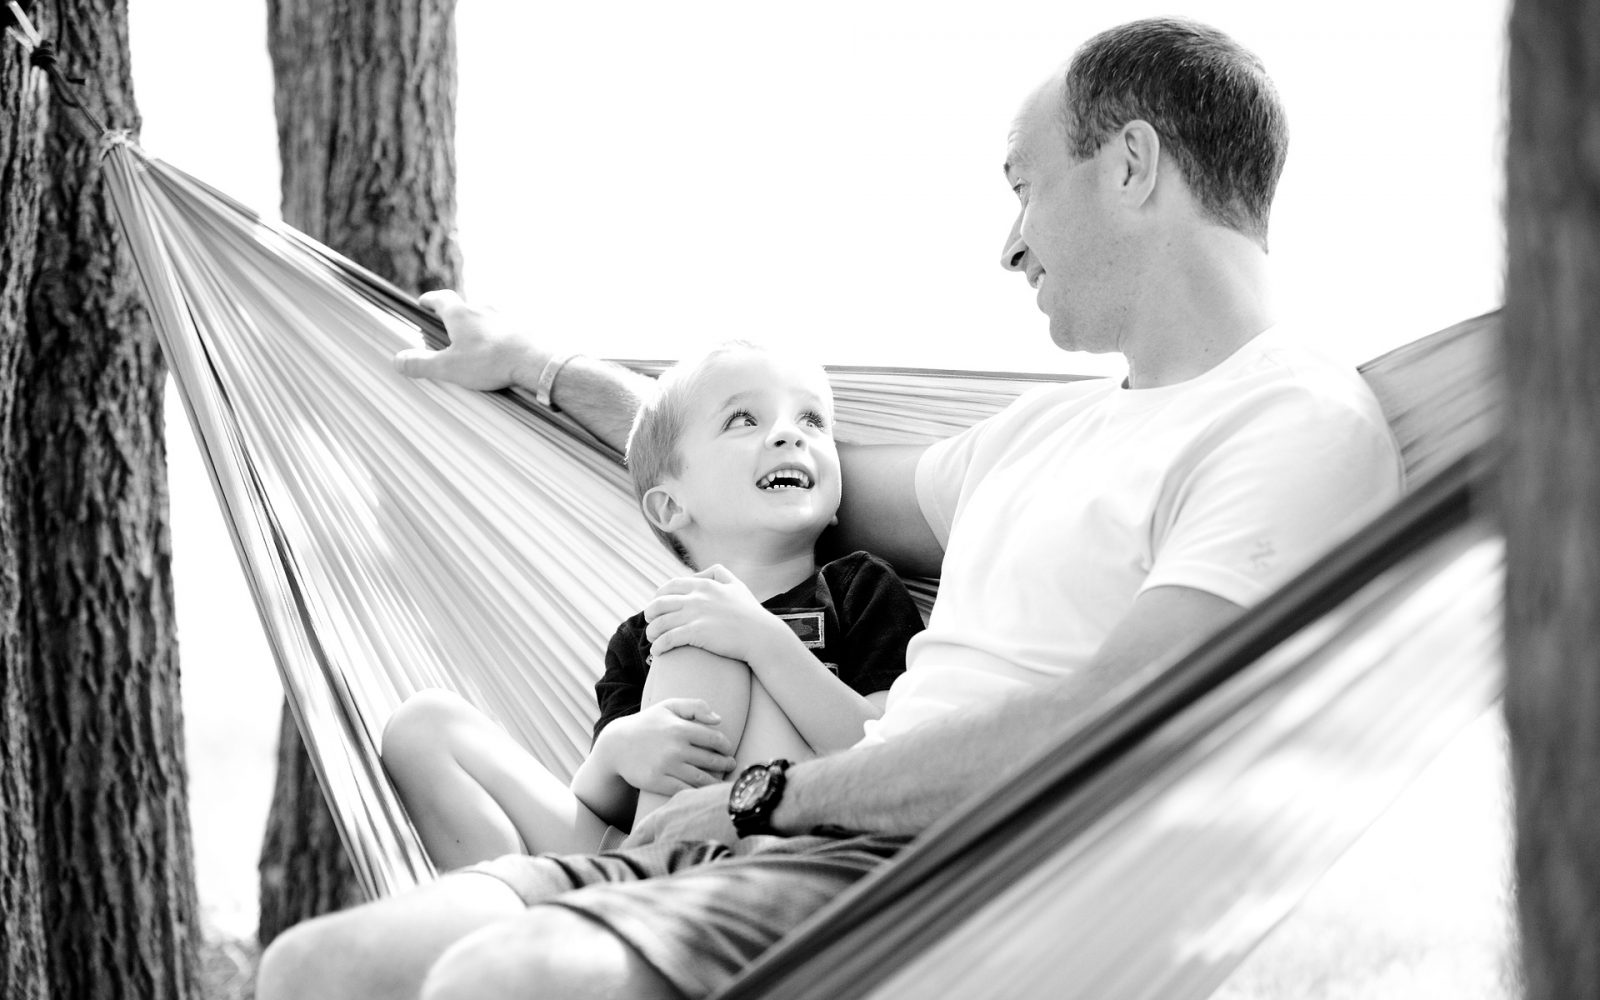 oče in sin druženje gugalna mreža